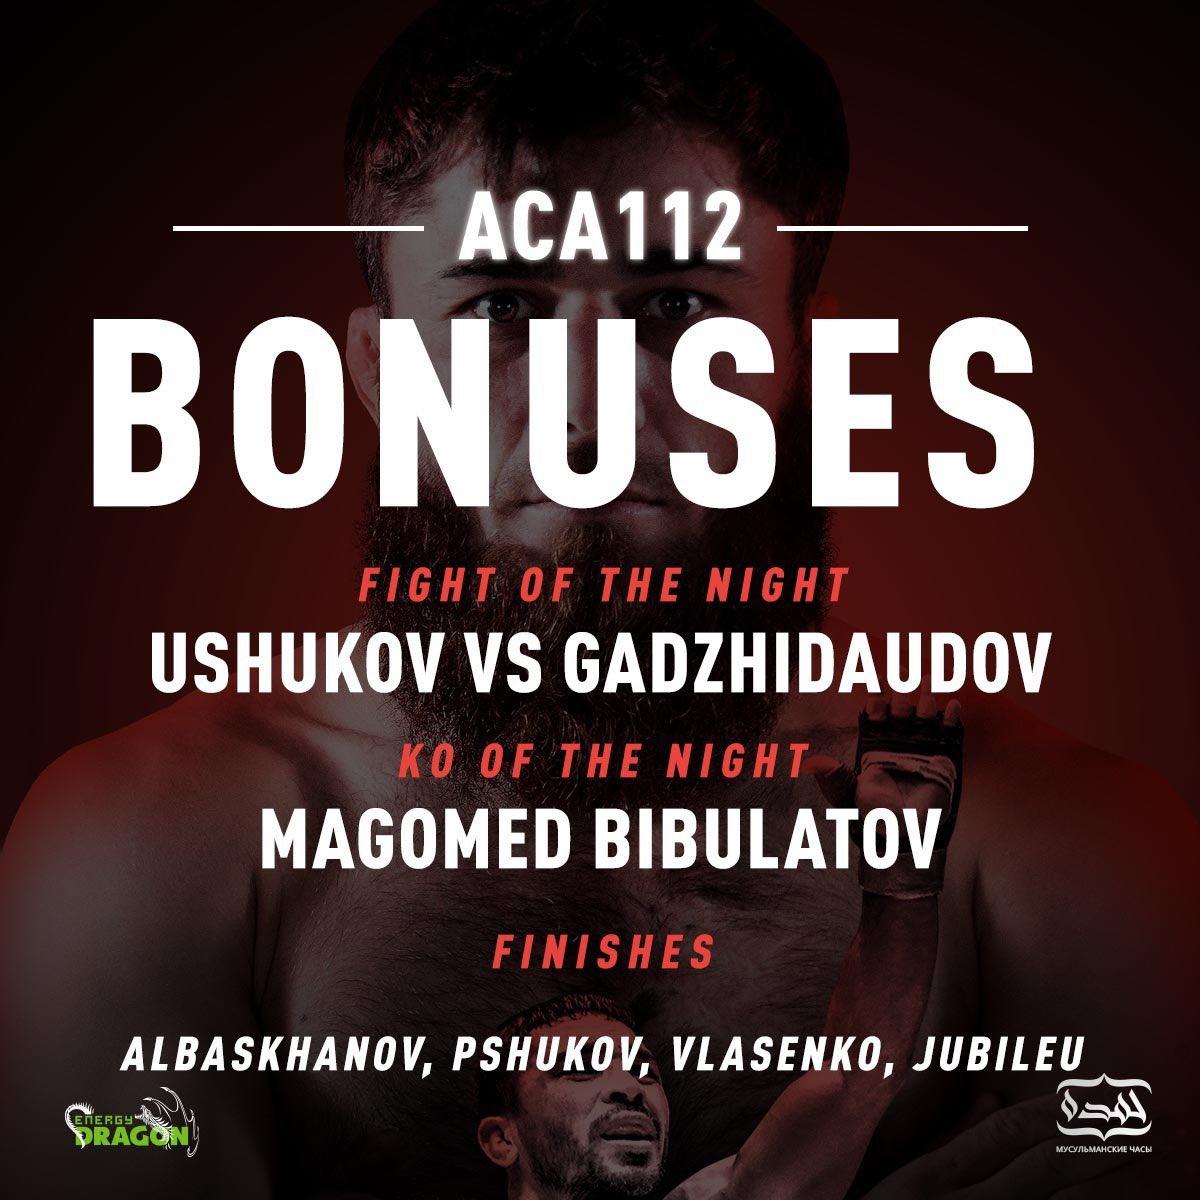 💰 Bonuses after ACA 112. https://t.co/j3PL2S0GOd